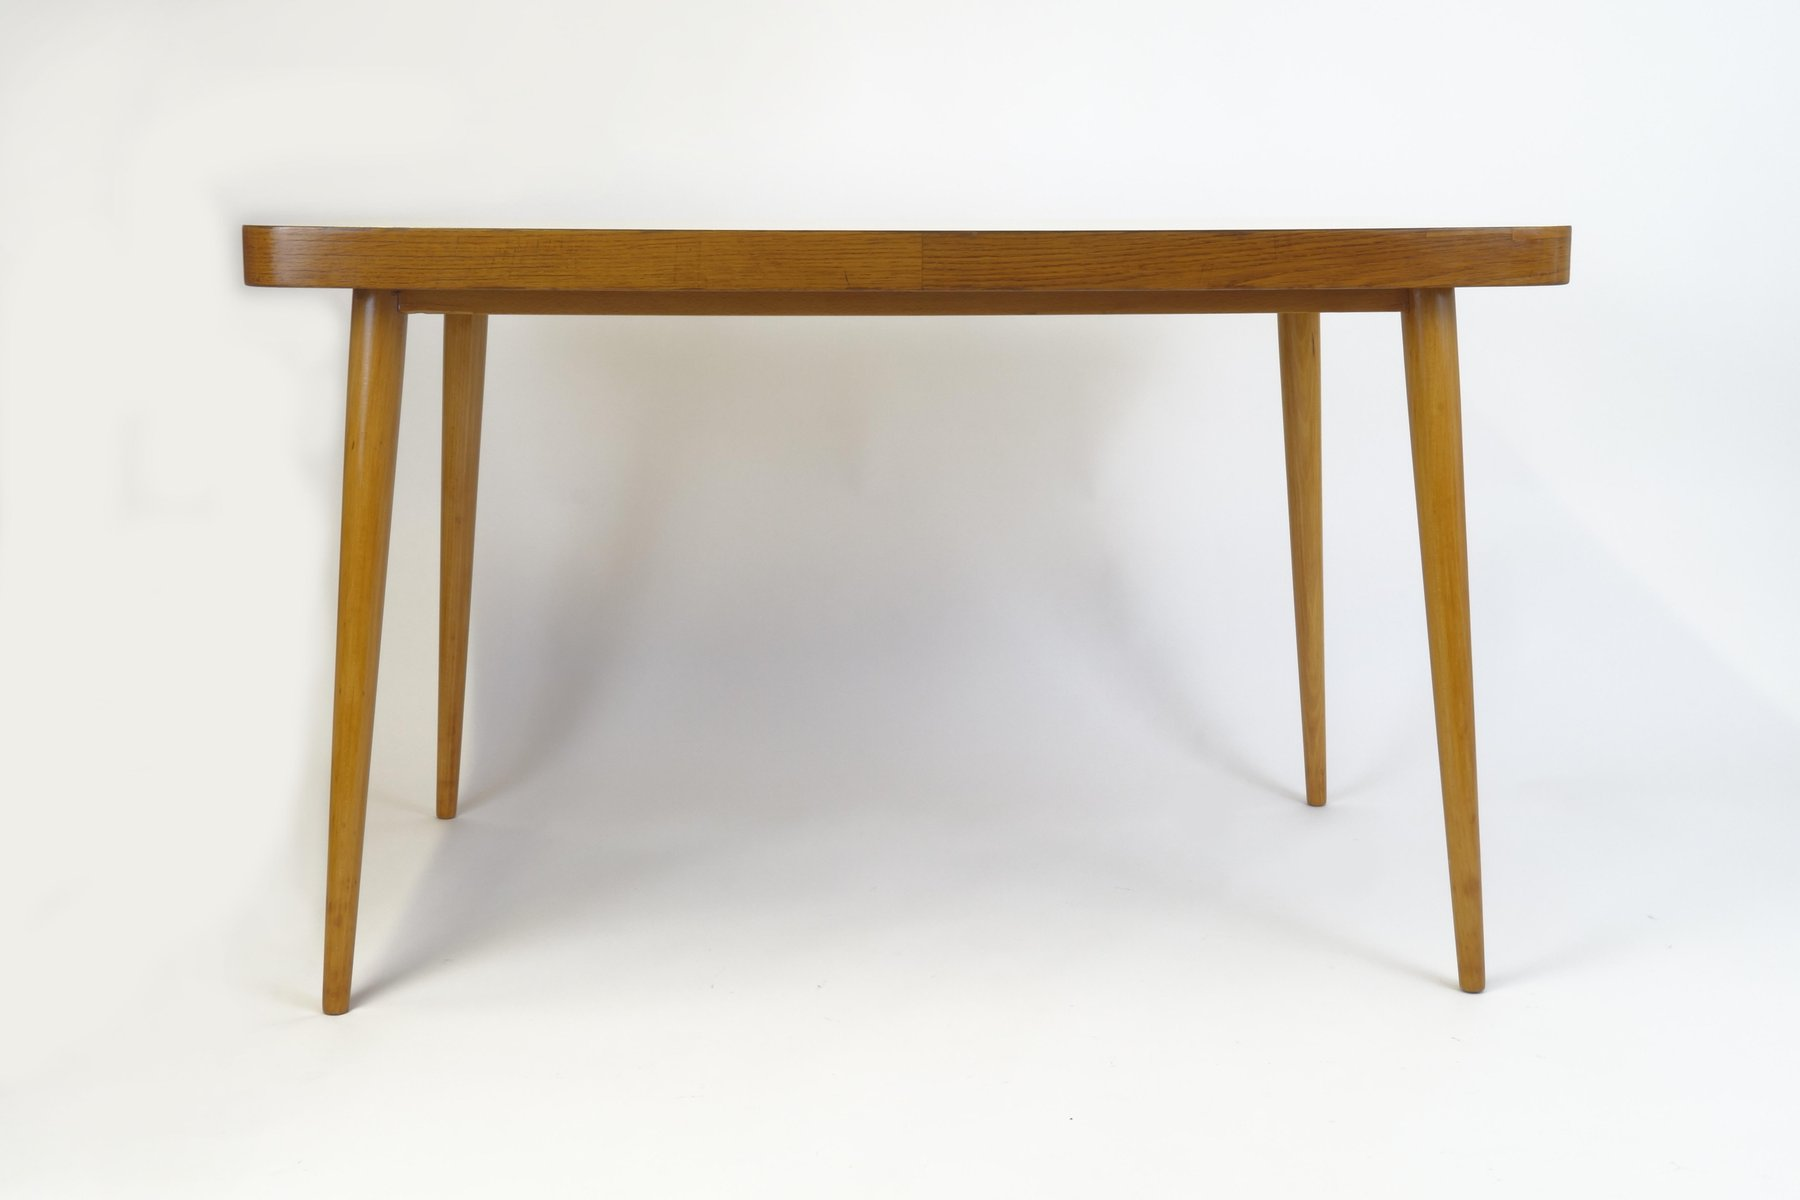 Ripiani In Legno Per Tavoli : Tavolo da pranzo con ripiano in legno giallo anni in vendita